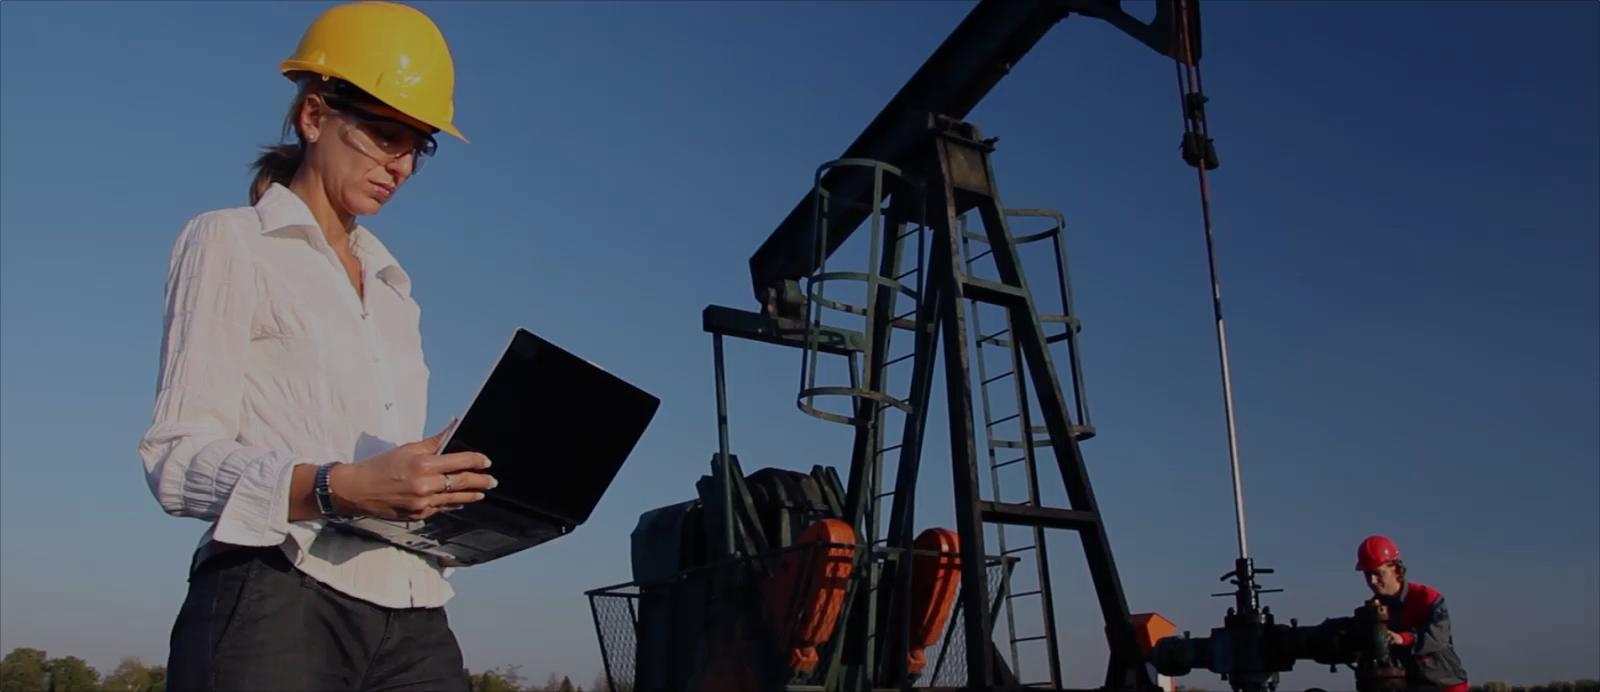 Énergie et exploitation minière